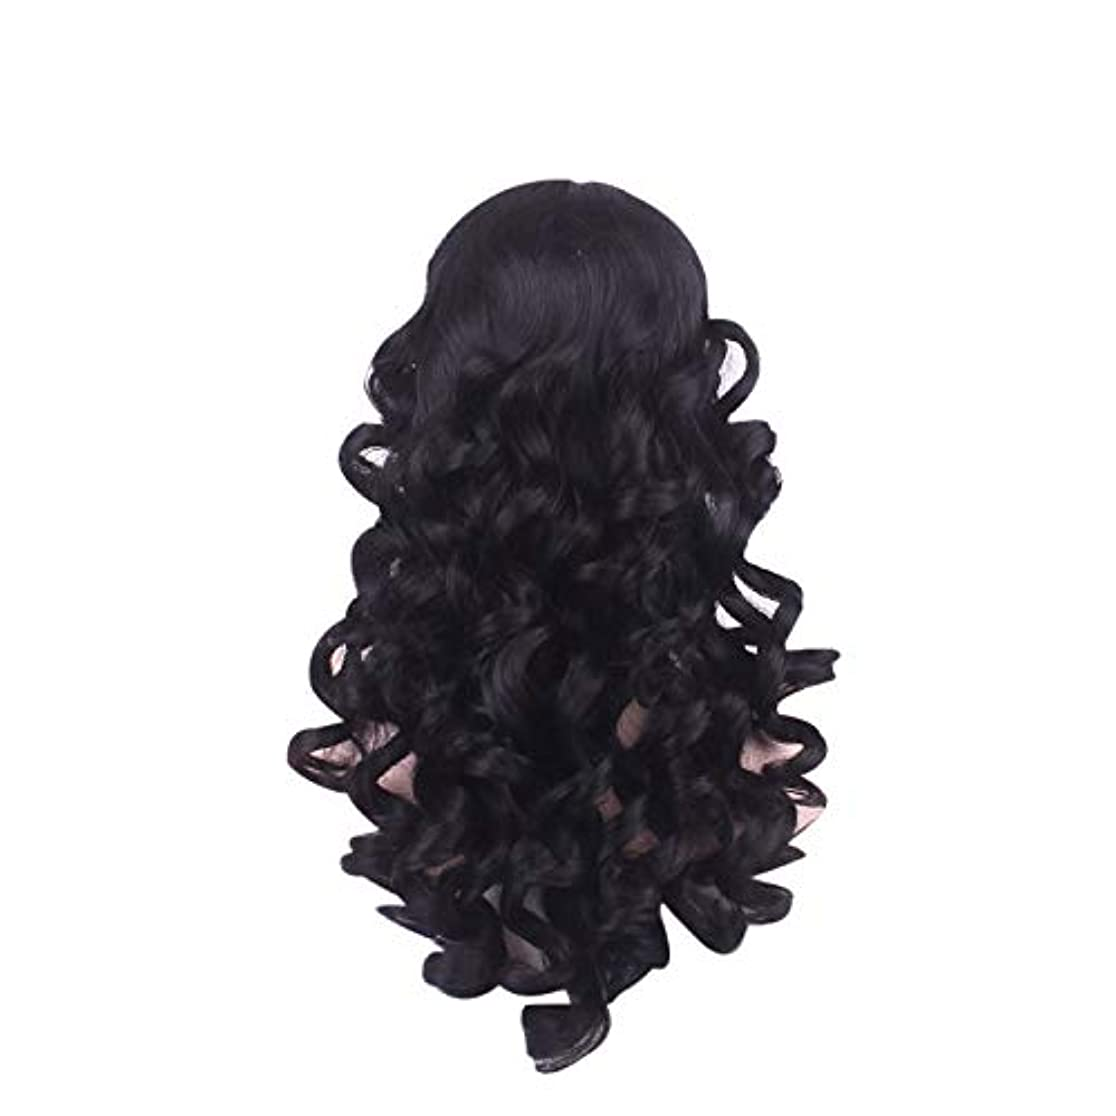 ミットスコアライン女性の長い巻き毛のファッションかつらローズネット65 cm